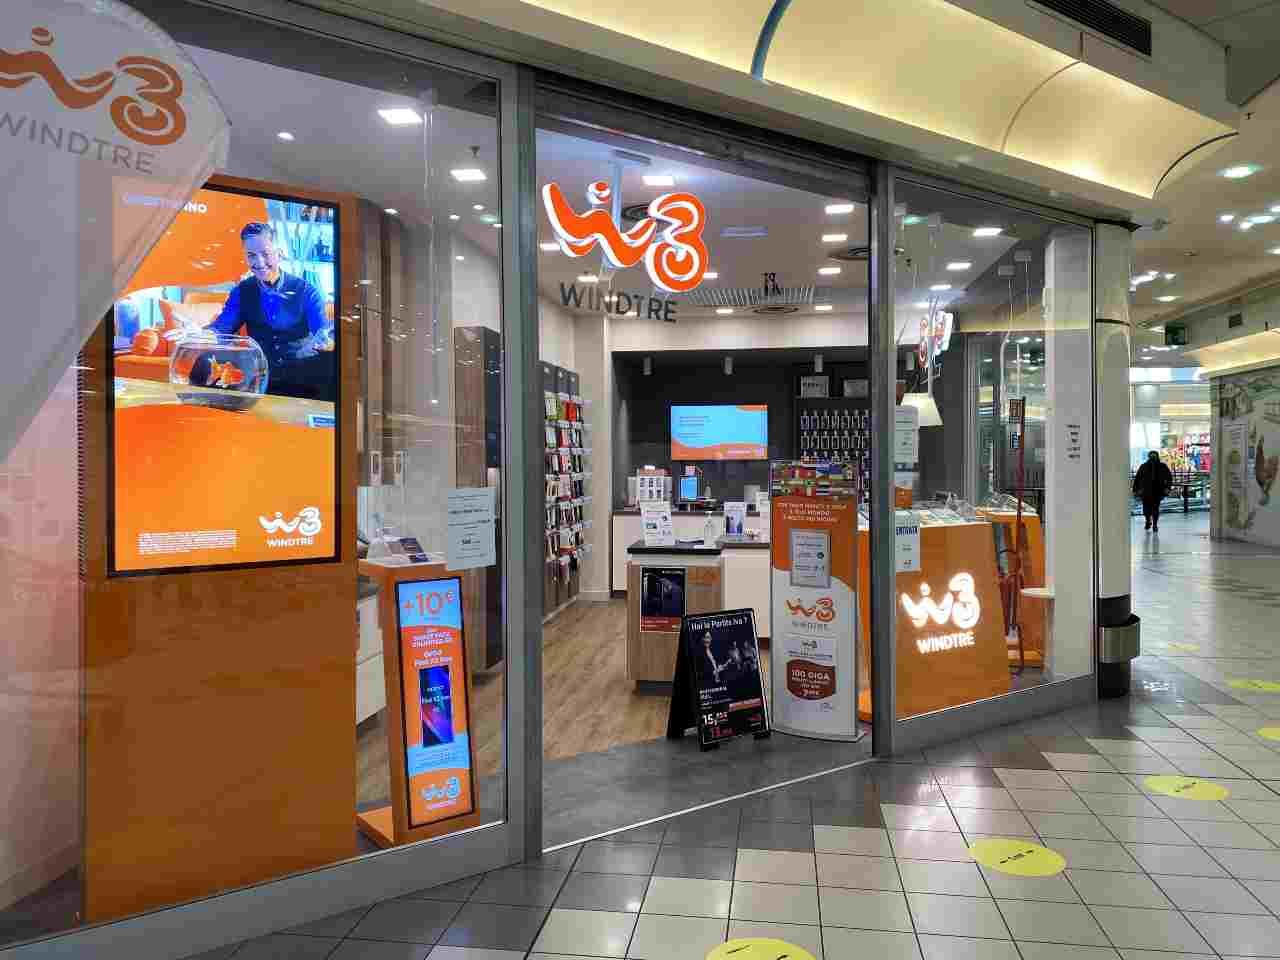 WindTre, sfida a TIM, Vodafone ma non solo - MeteoWeek.com